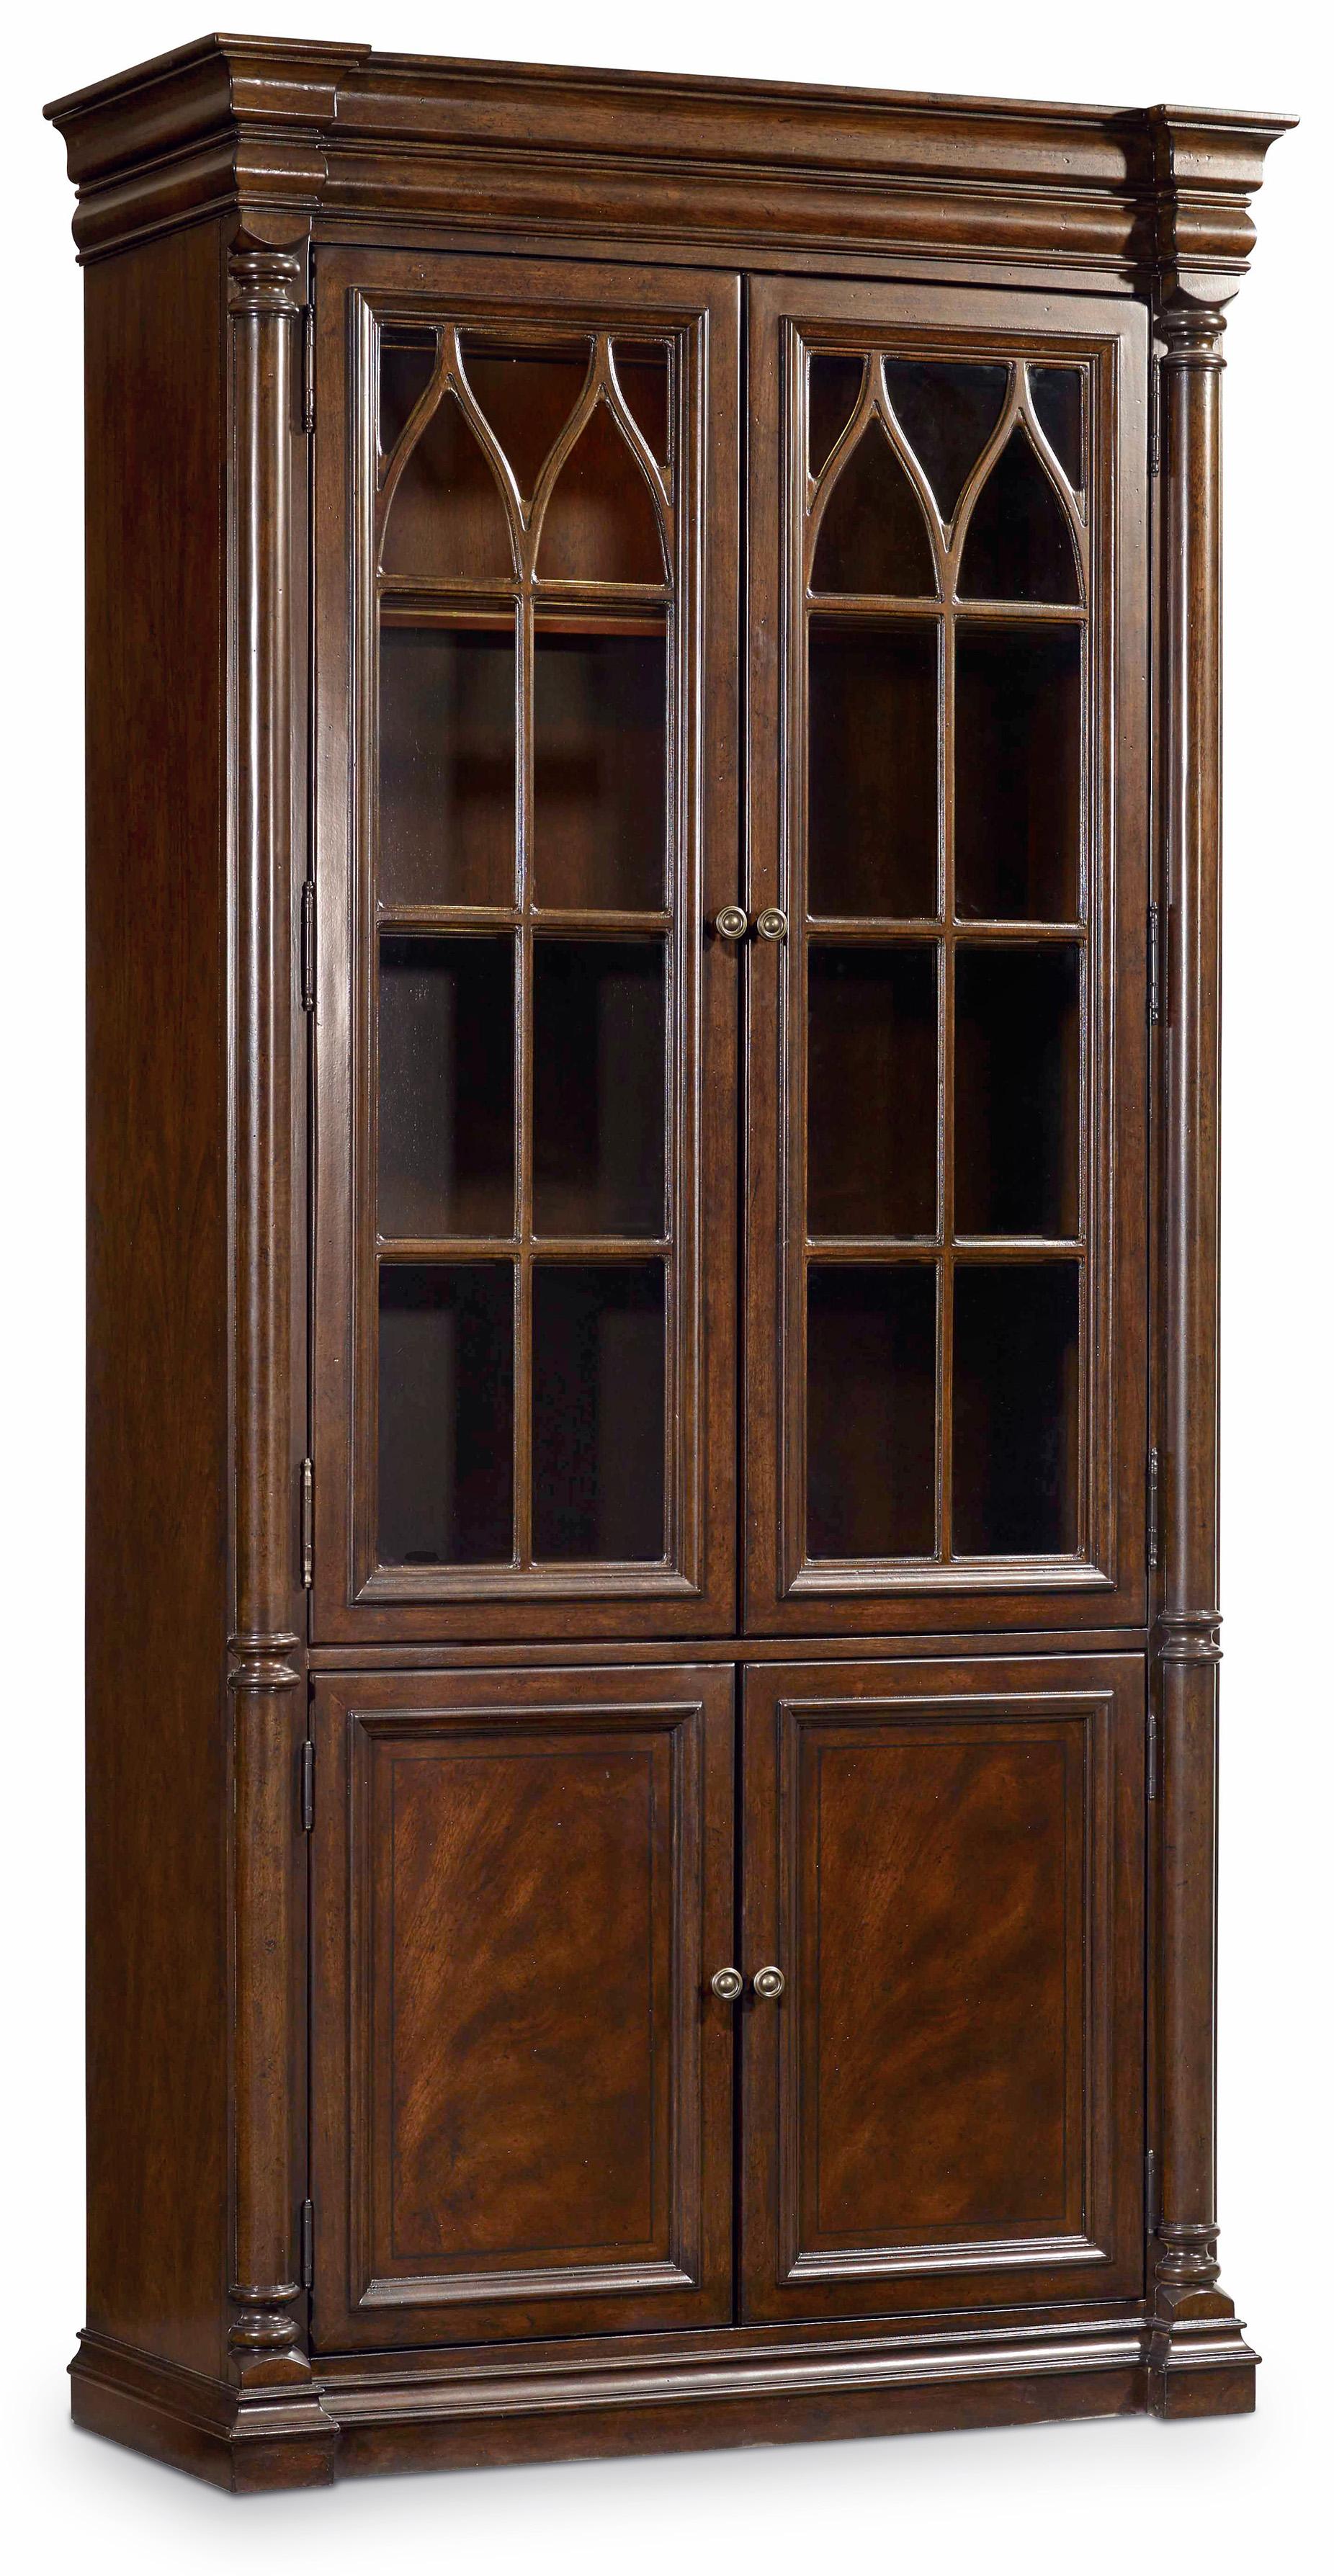 Hooker Furniture Leesburg Bookcase - Item Number: 5381-10447